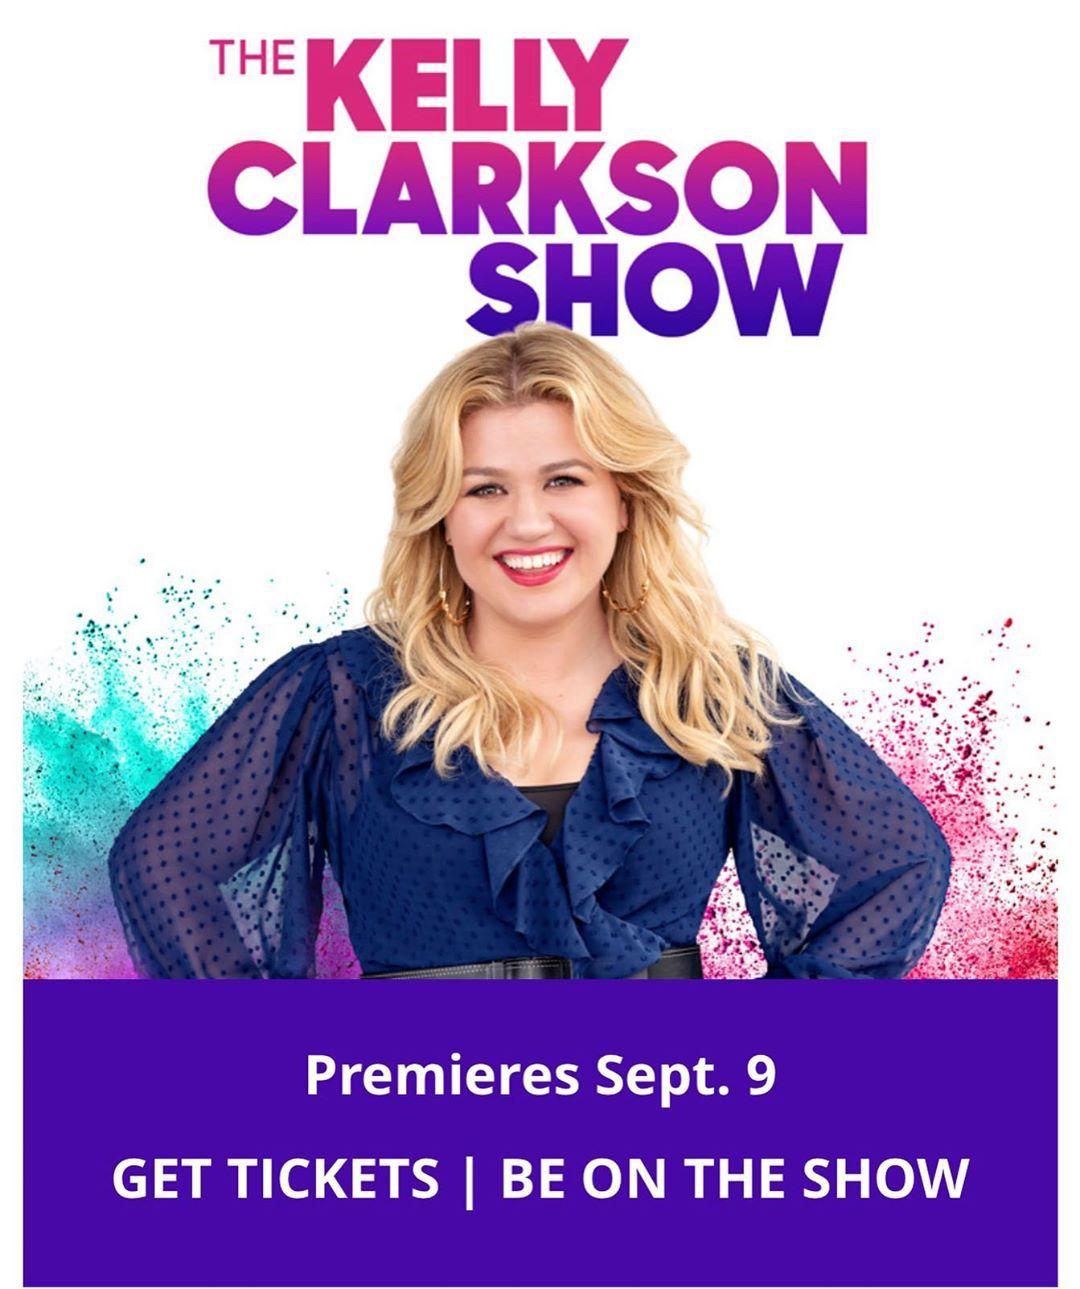 11776d61779b1433a56a54dfcee646a0 - How Do I Get Tickets To The Kelly Clarkson Show